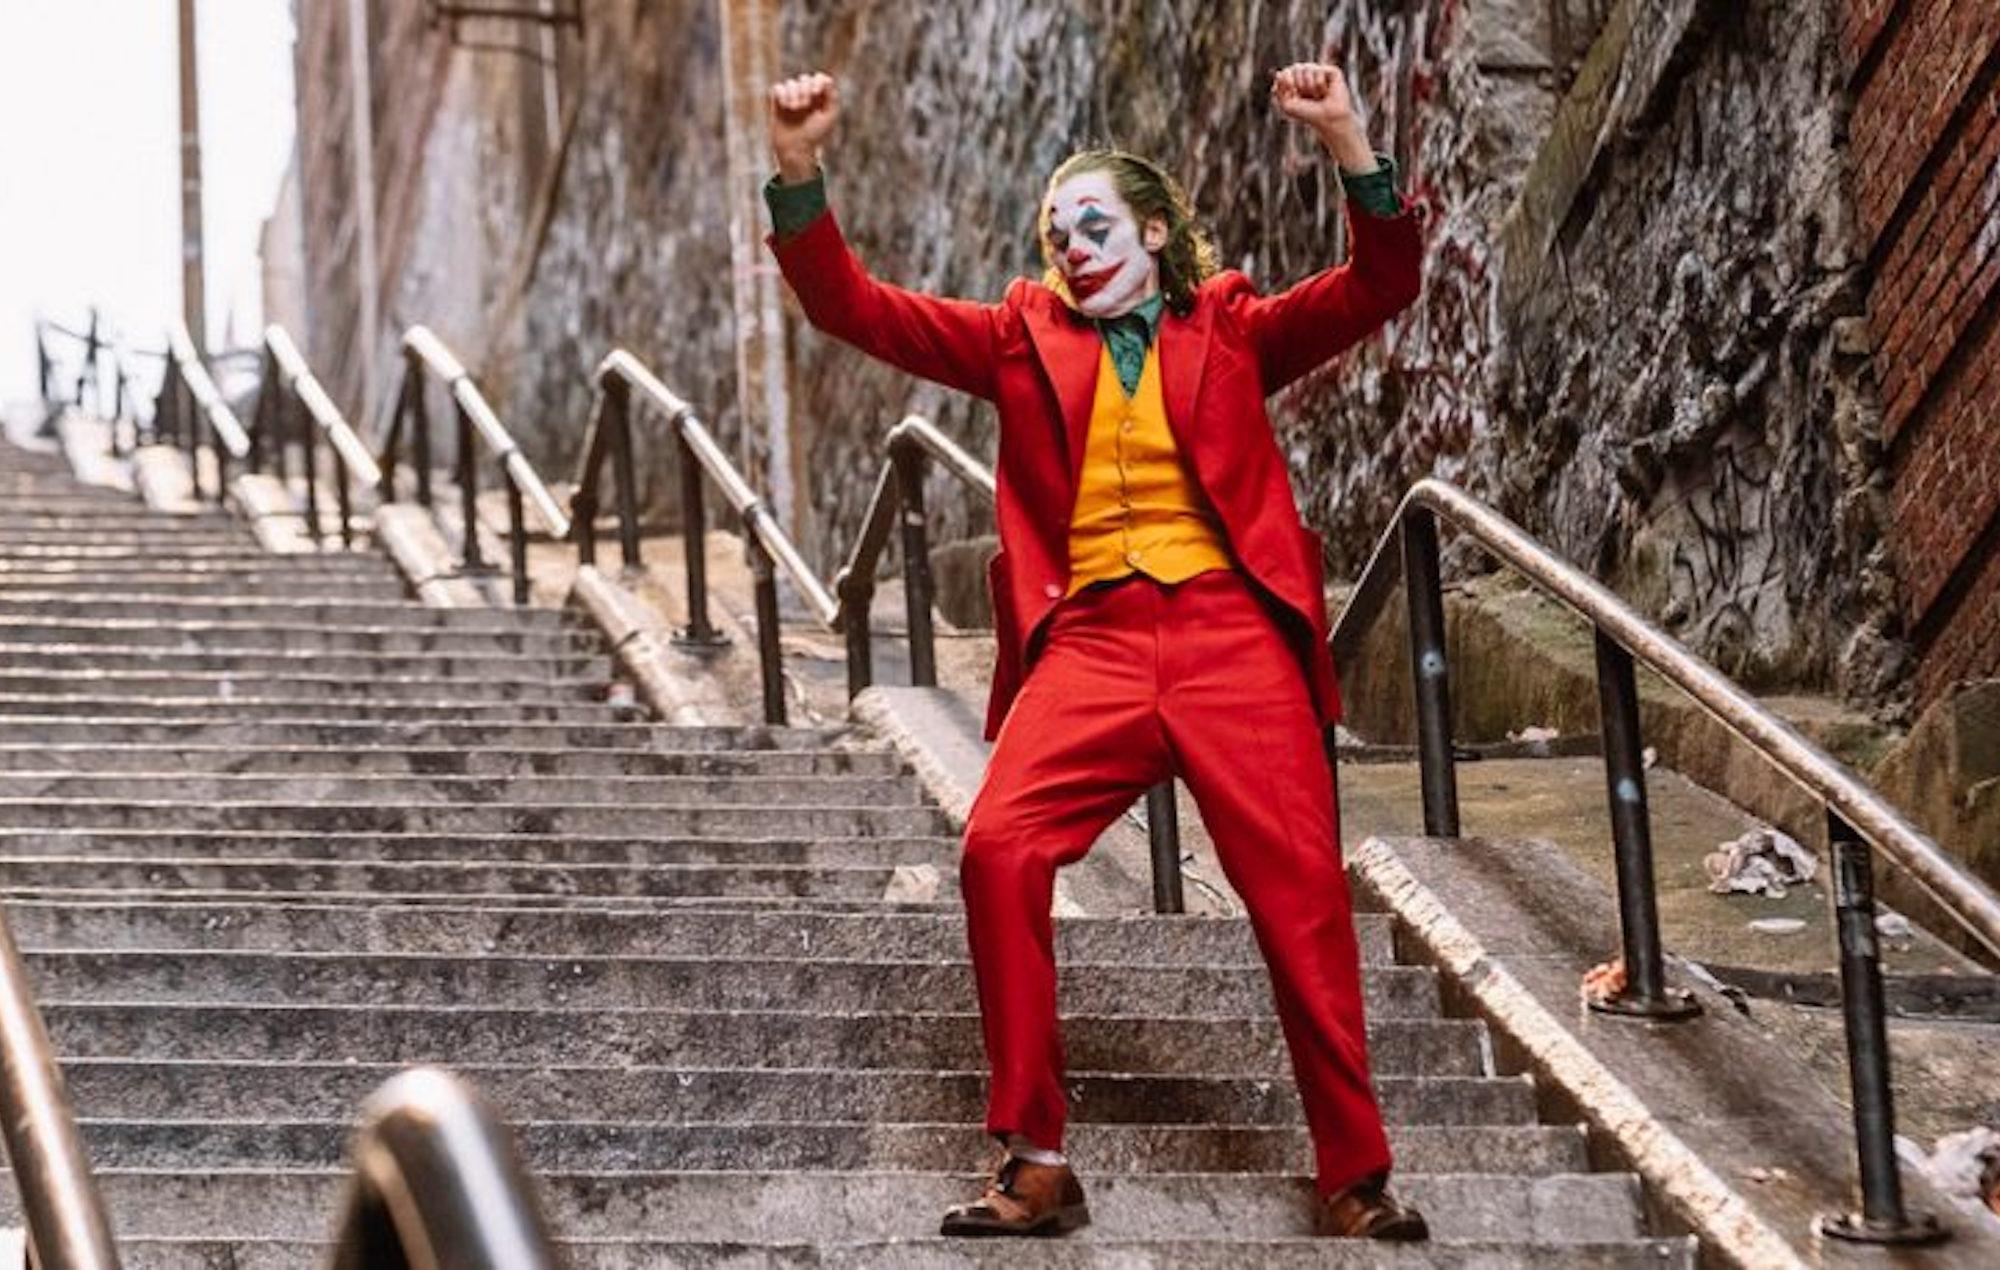 joker joaquin phoenix actor movie stairs